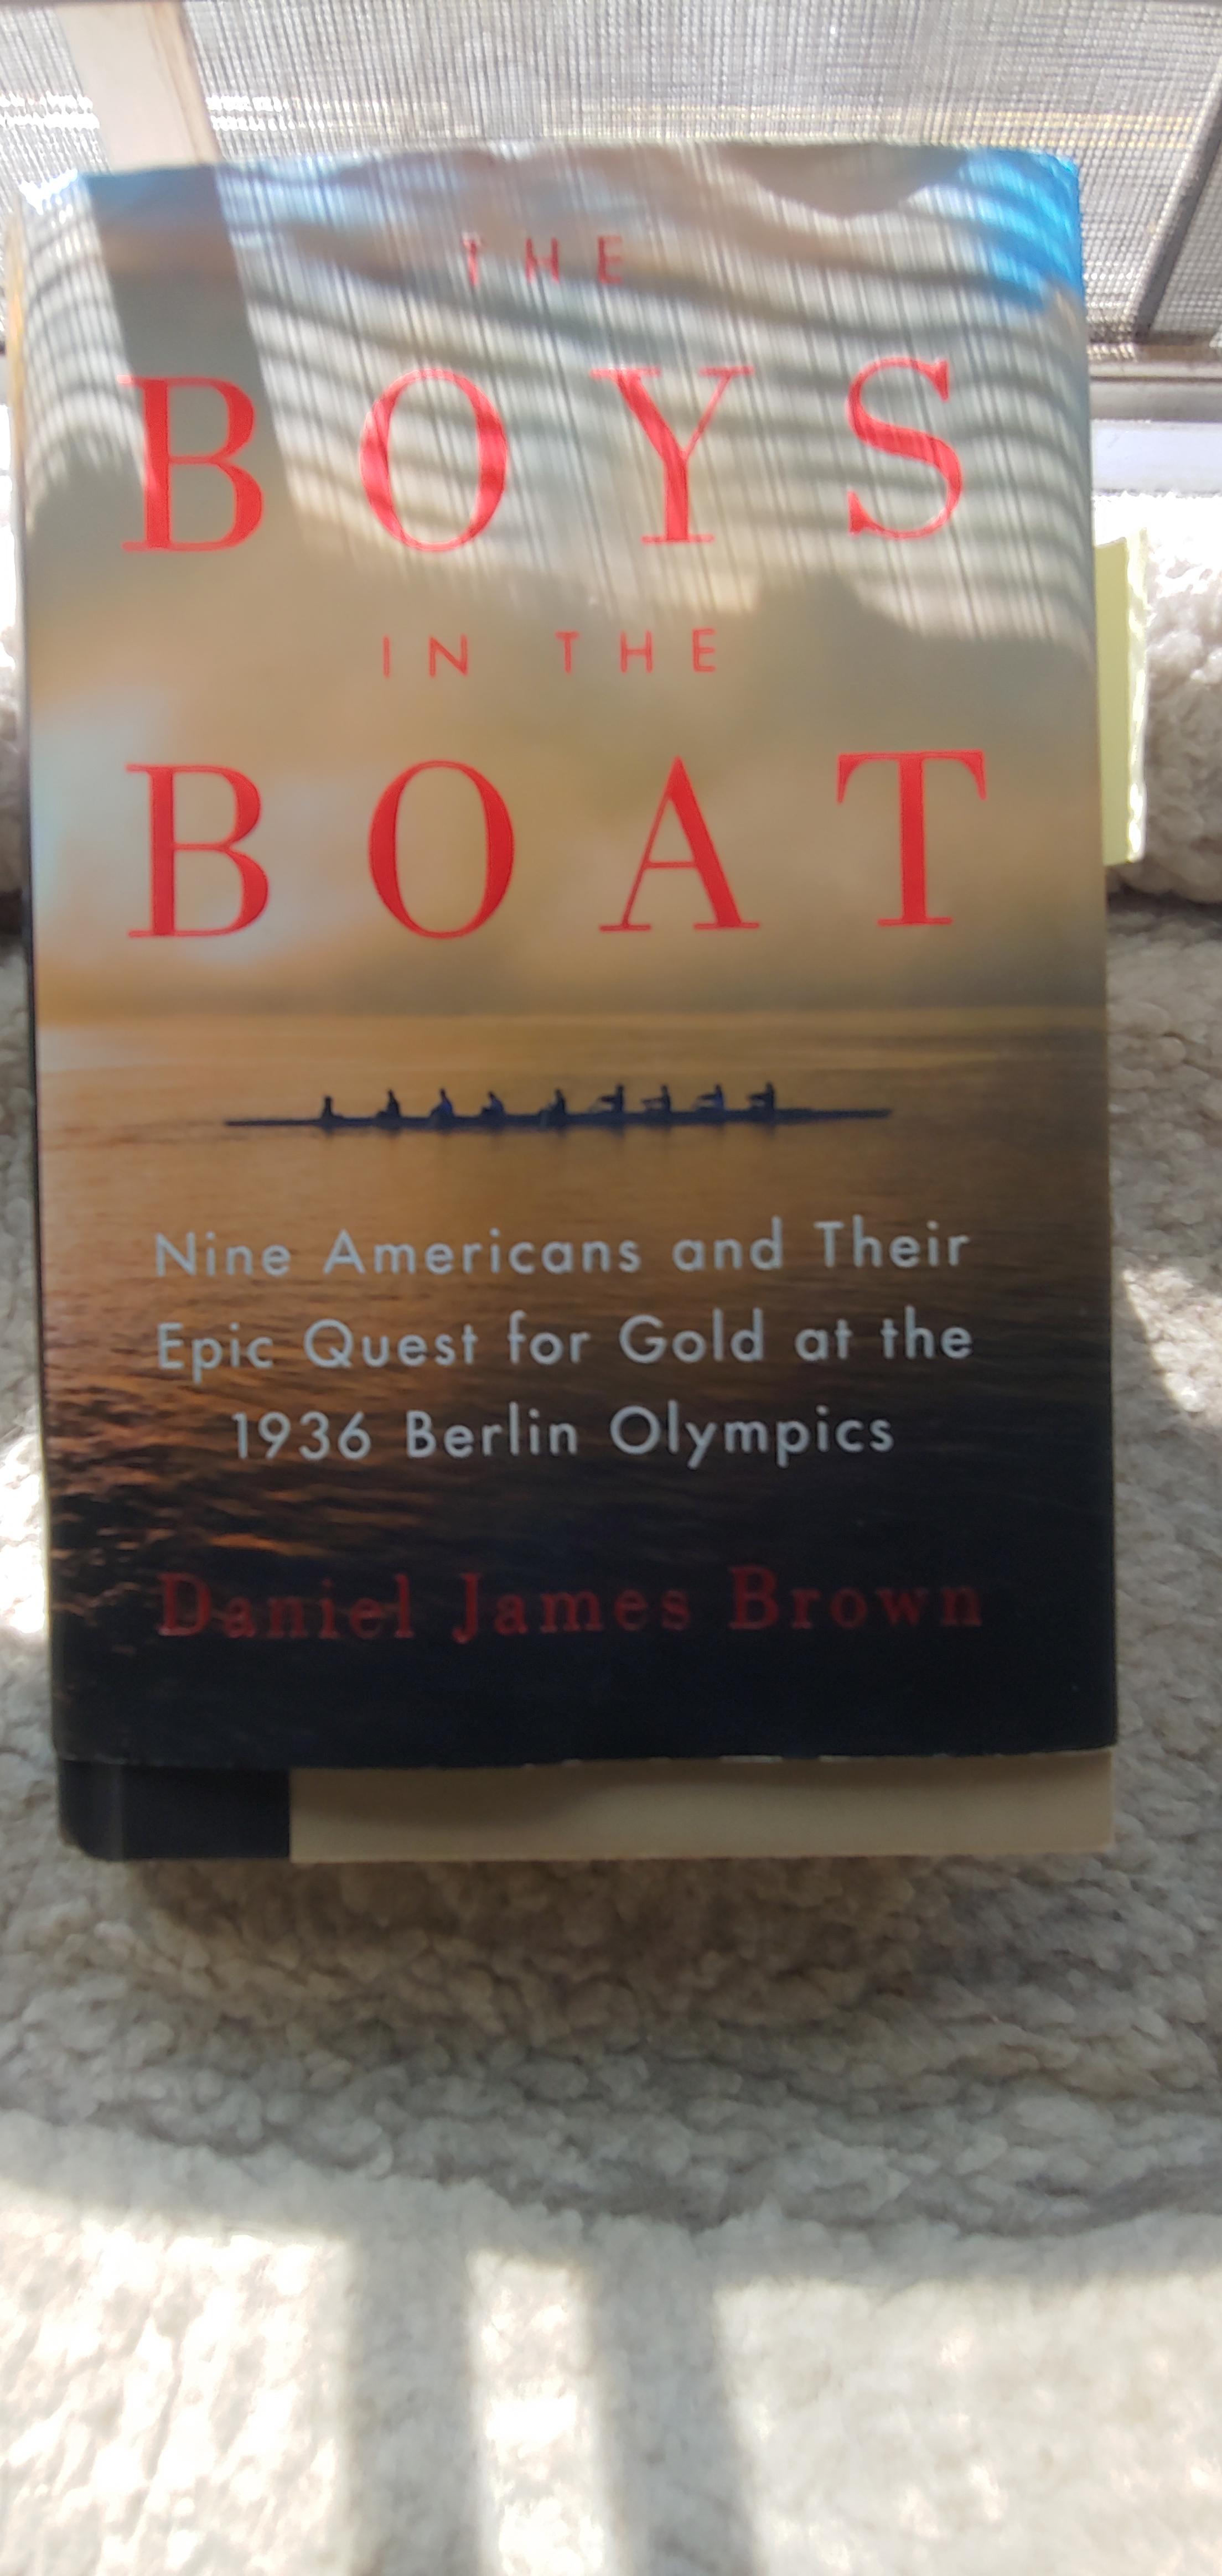 Boys in the Boat cover.jpg